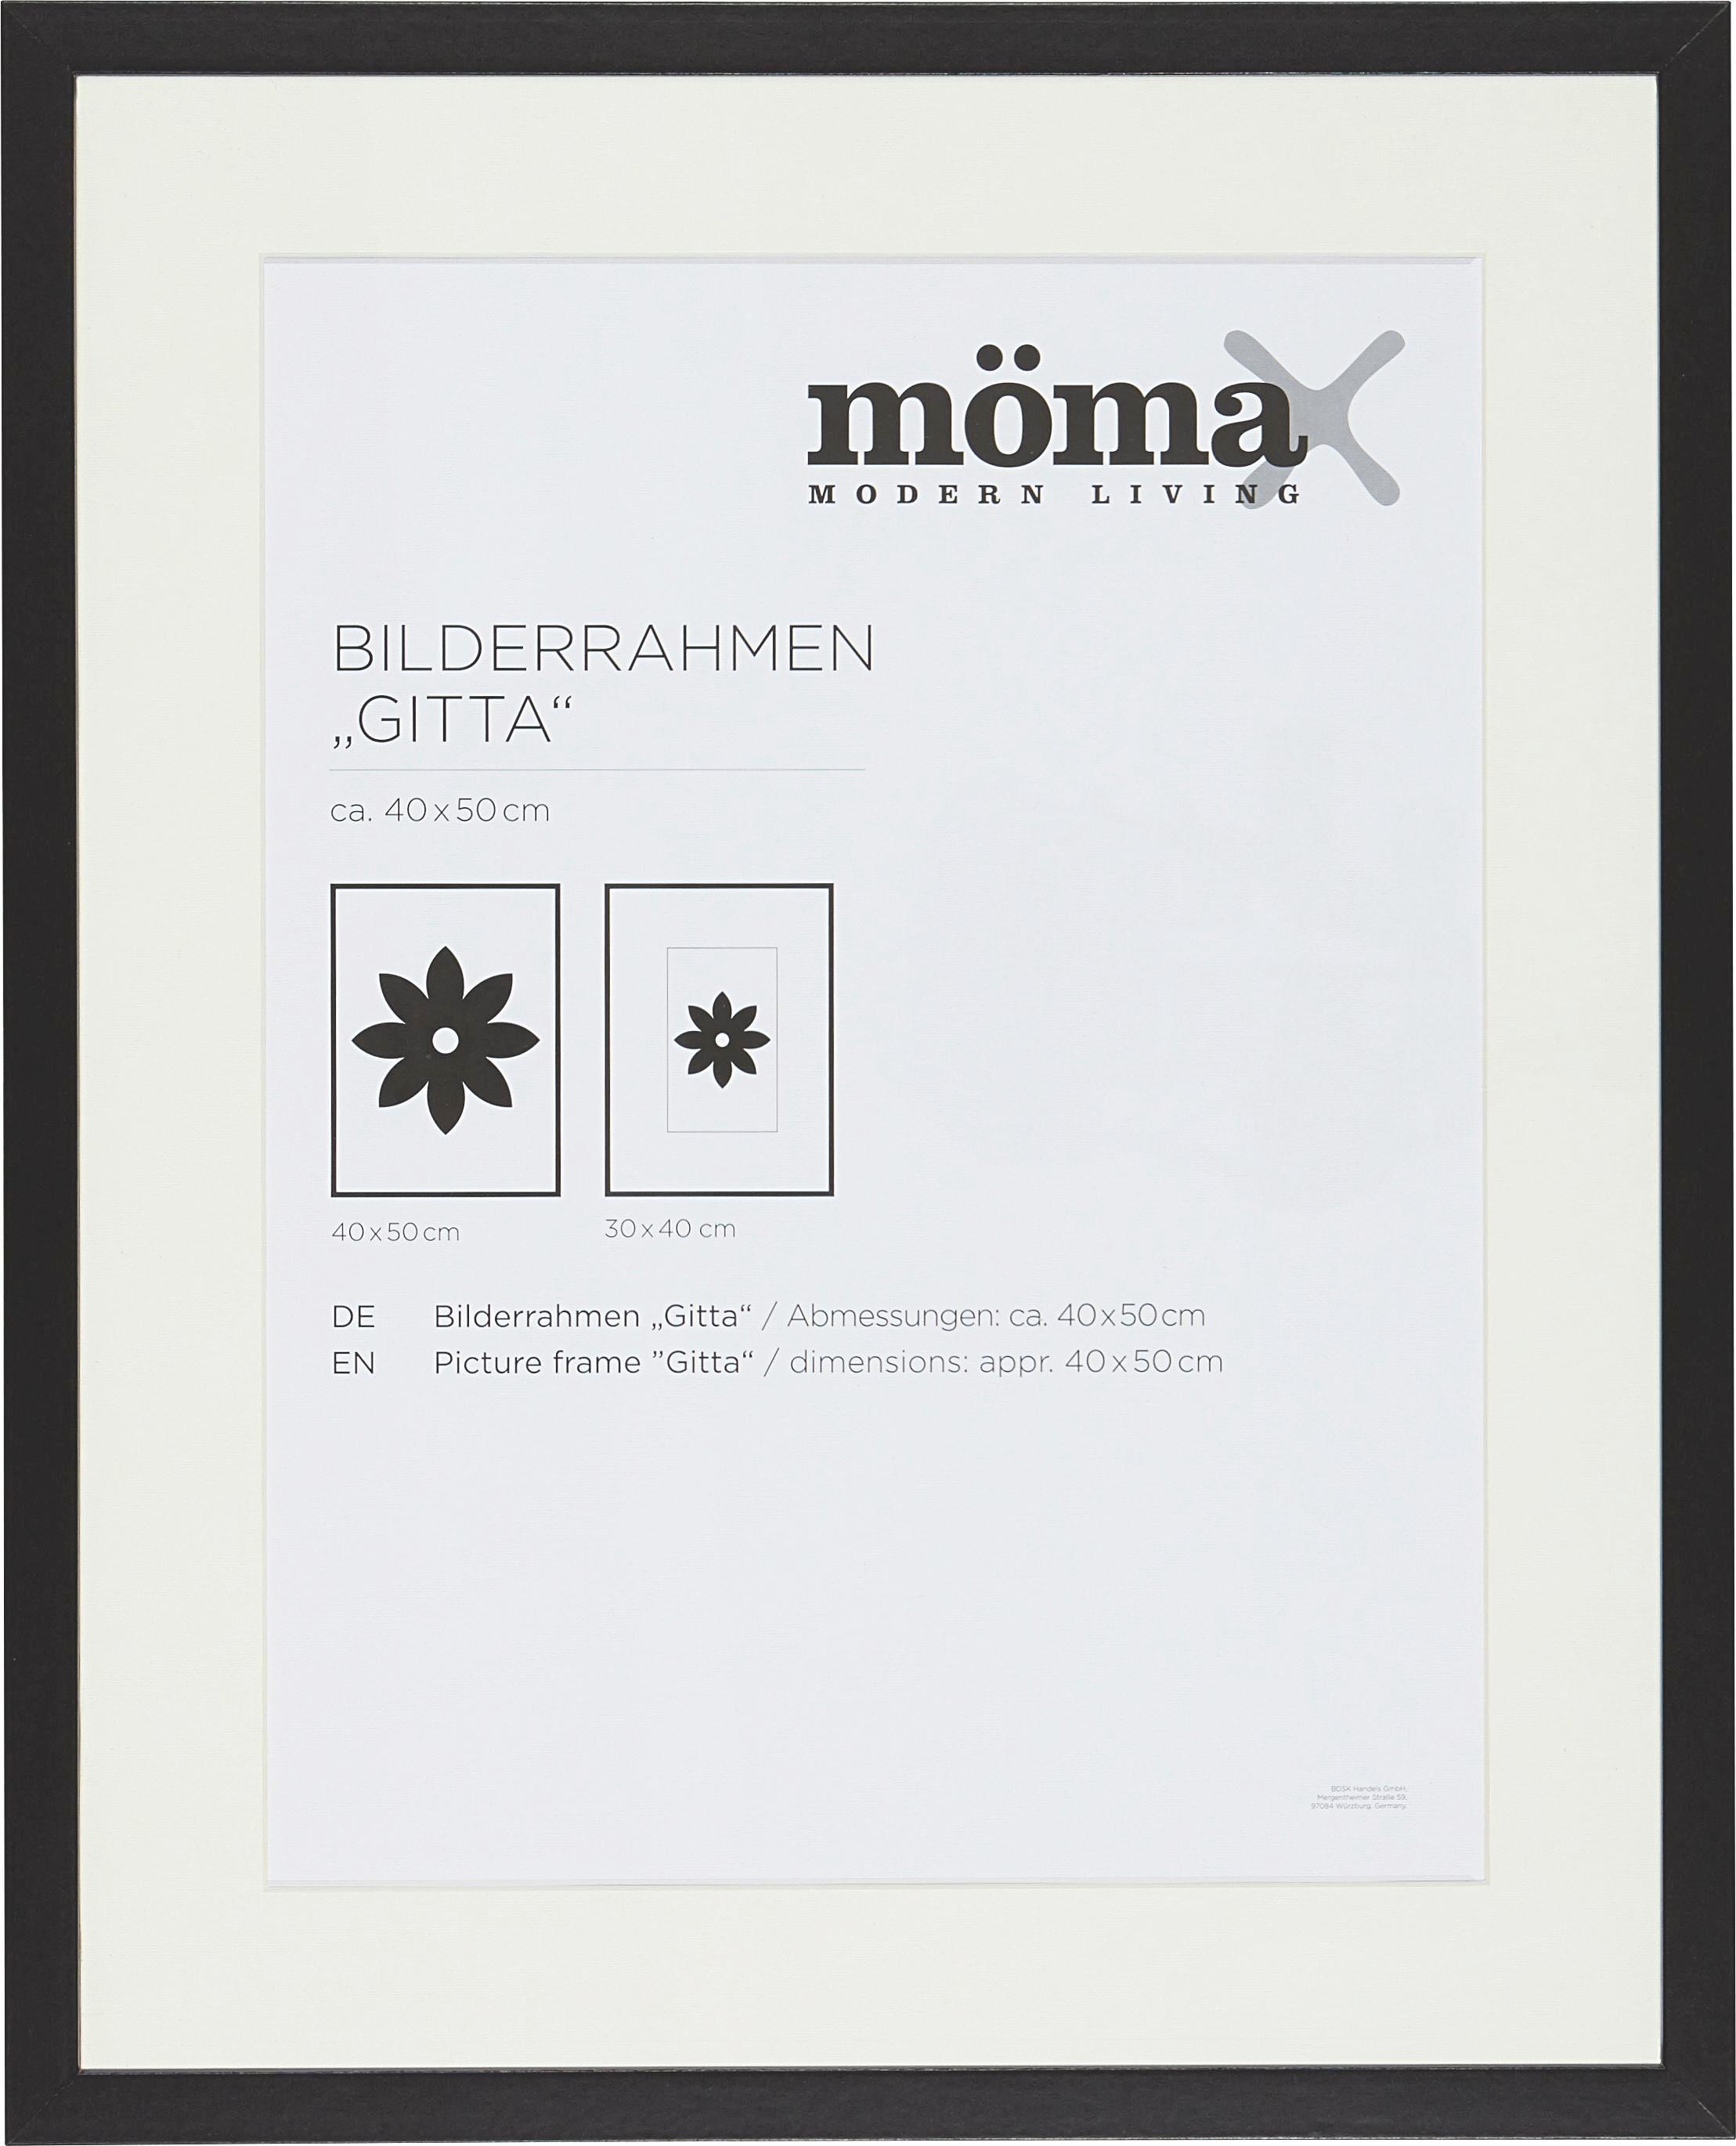 Bilderrahmen Gitta, ca. 40x50cm in Schwarz - Schwarz, MODERN, Glas/Holz (40/50cm) - MÖMAX modern living